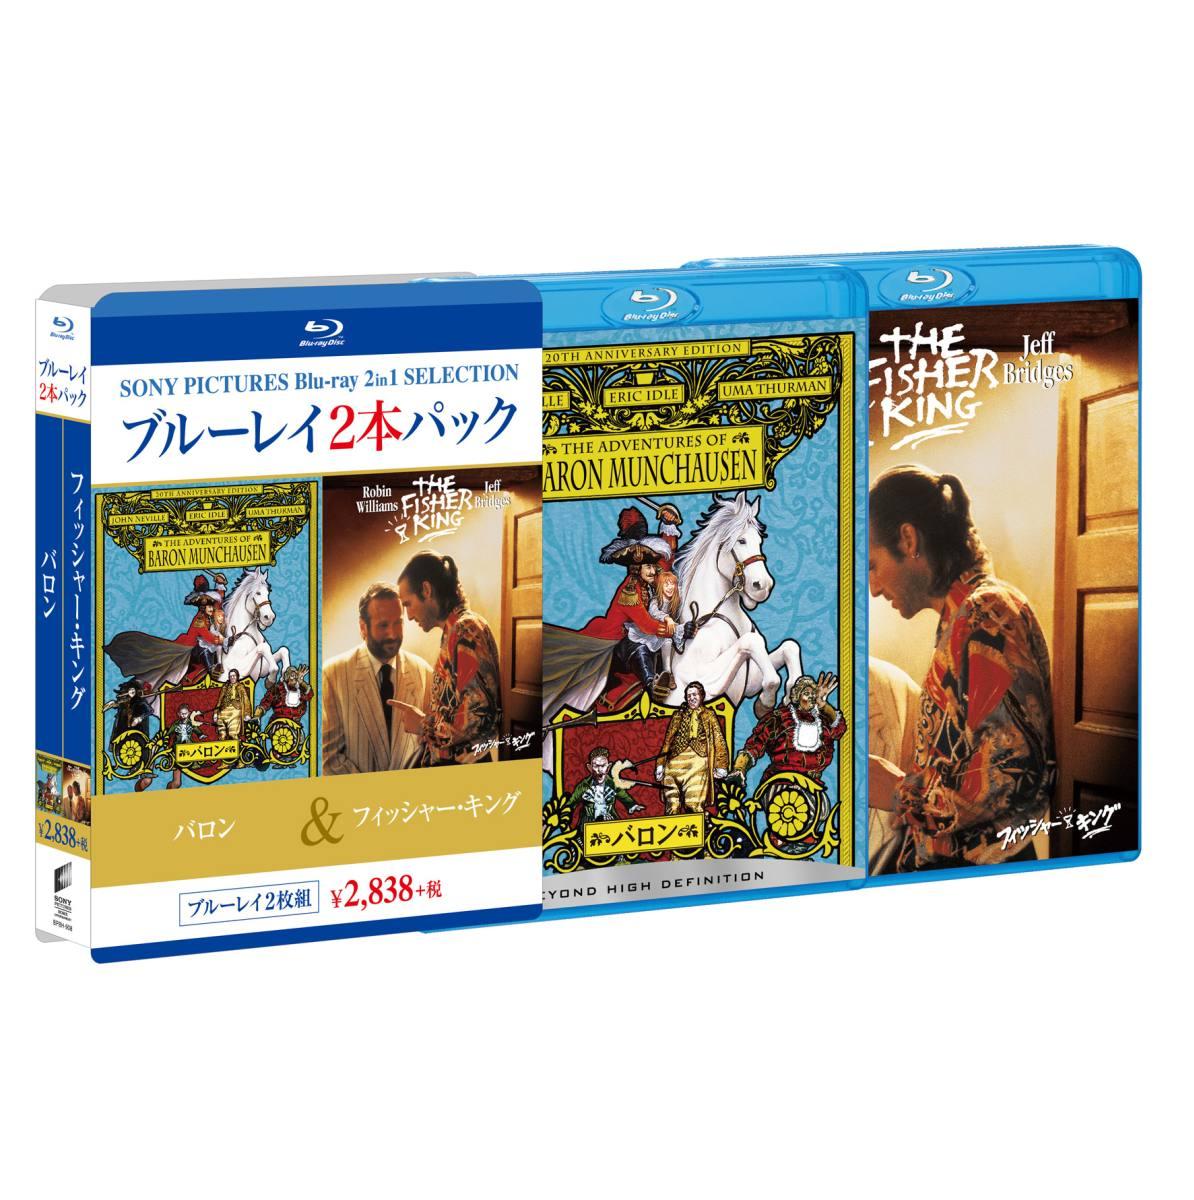 バロン/フィッシャー・キング【Blu-ray】 [ ジョン・ネビル ]